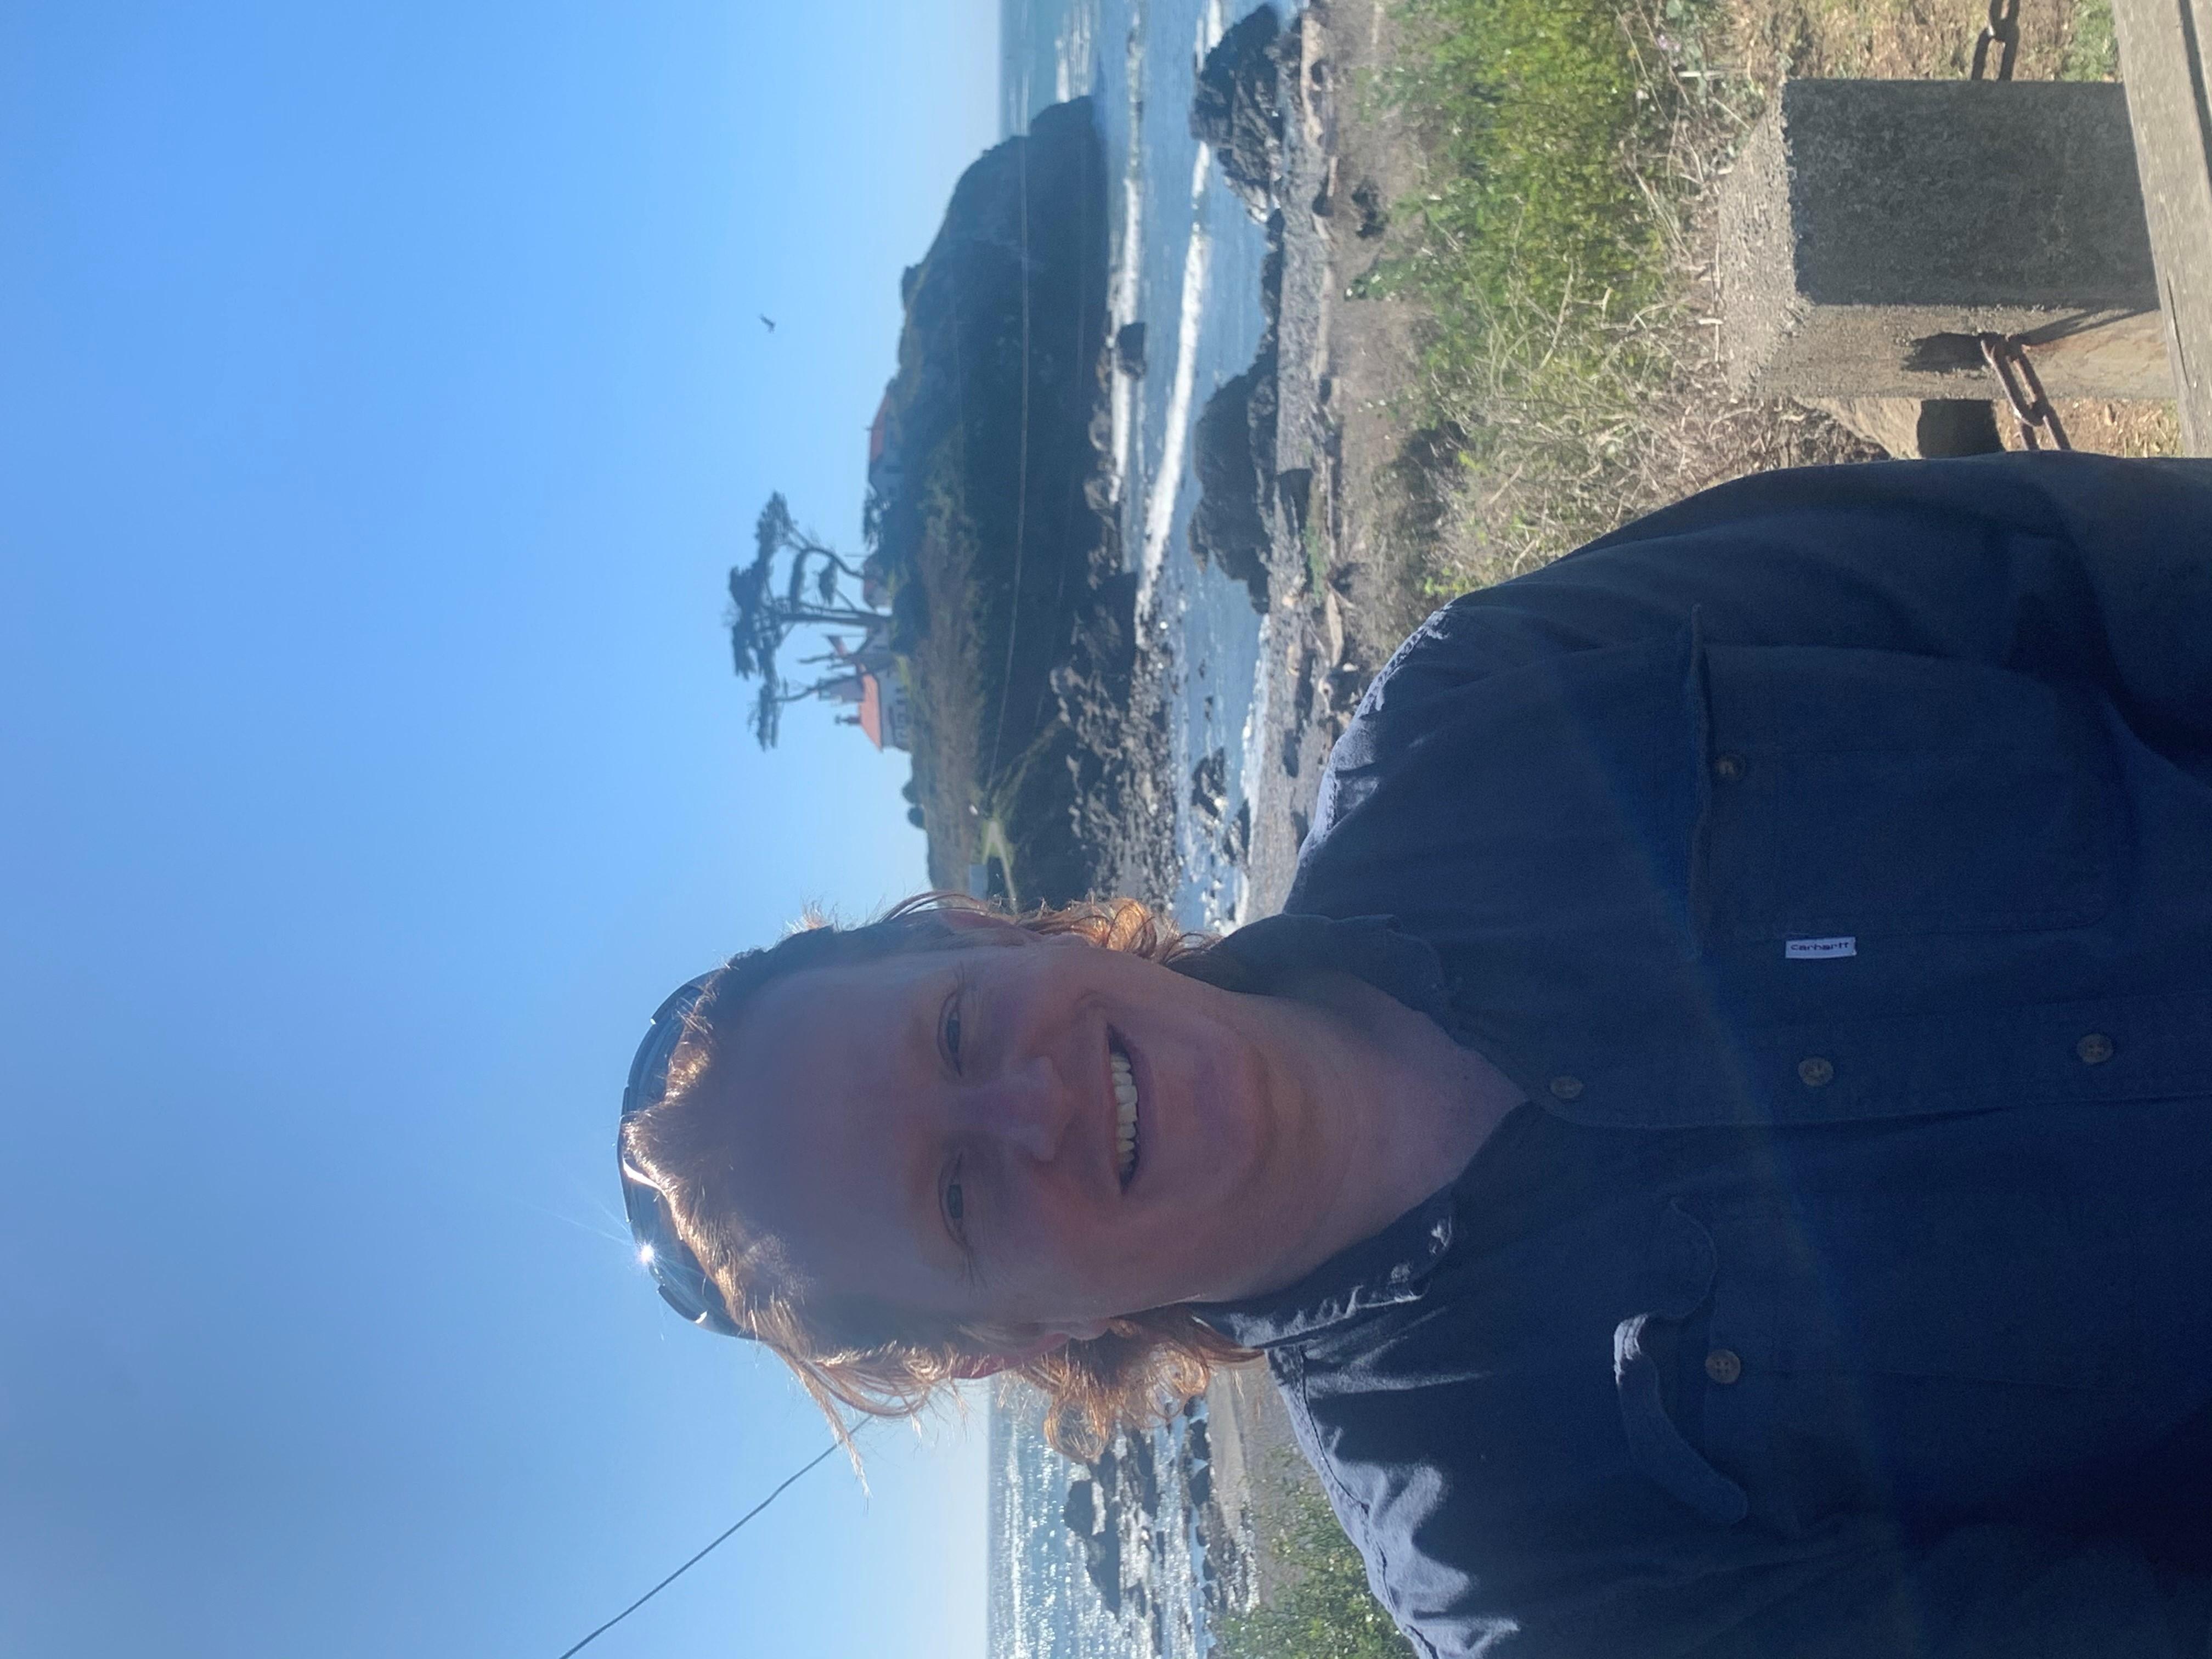 Public Works Director Olson